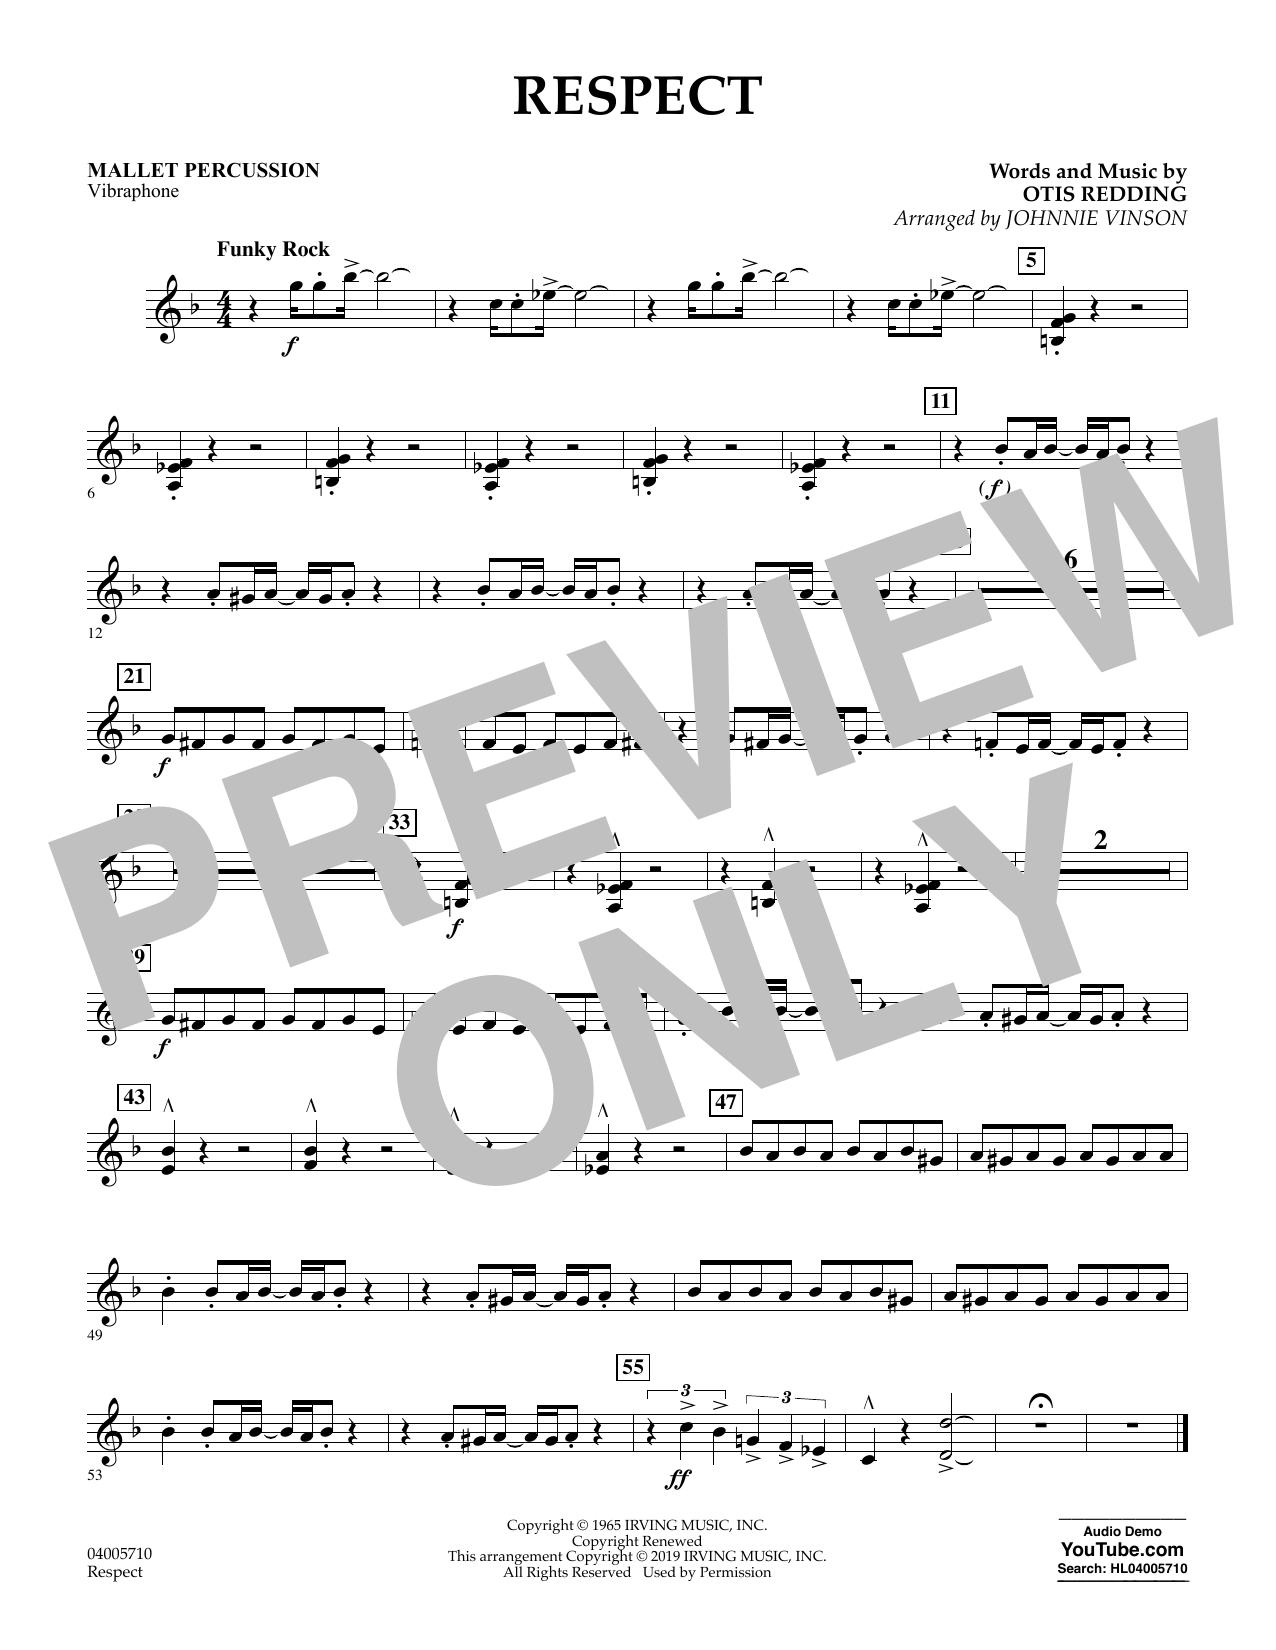 Respect (arr. Johnnie Vinson) - Mallet Percussion (Flex-Band)